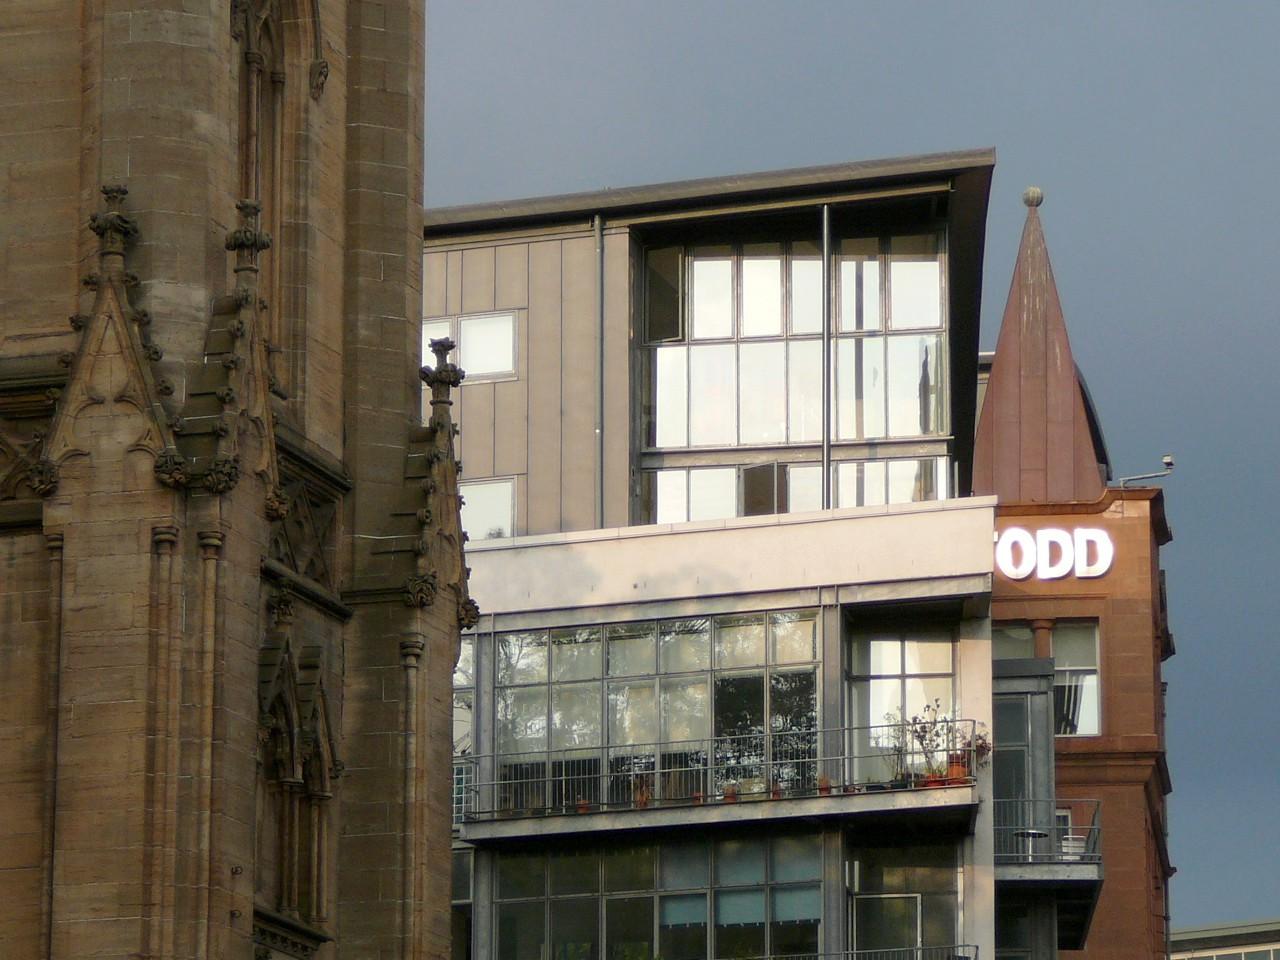 Glasgow, 2007